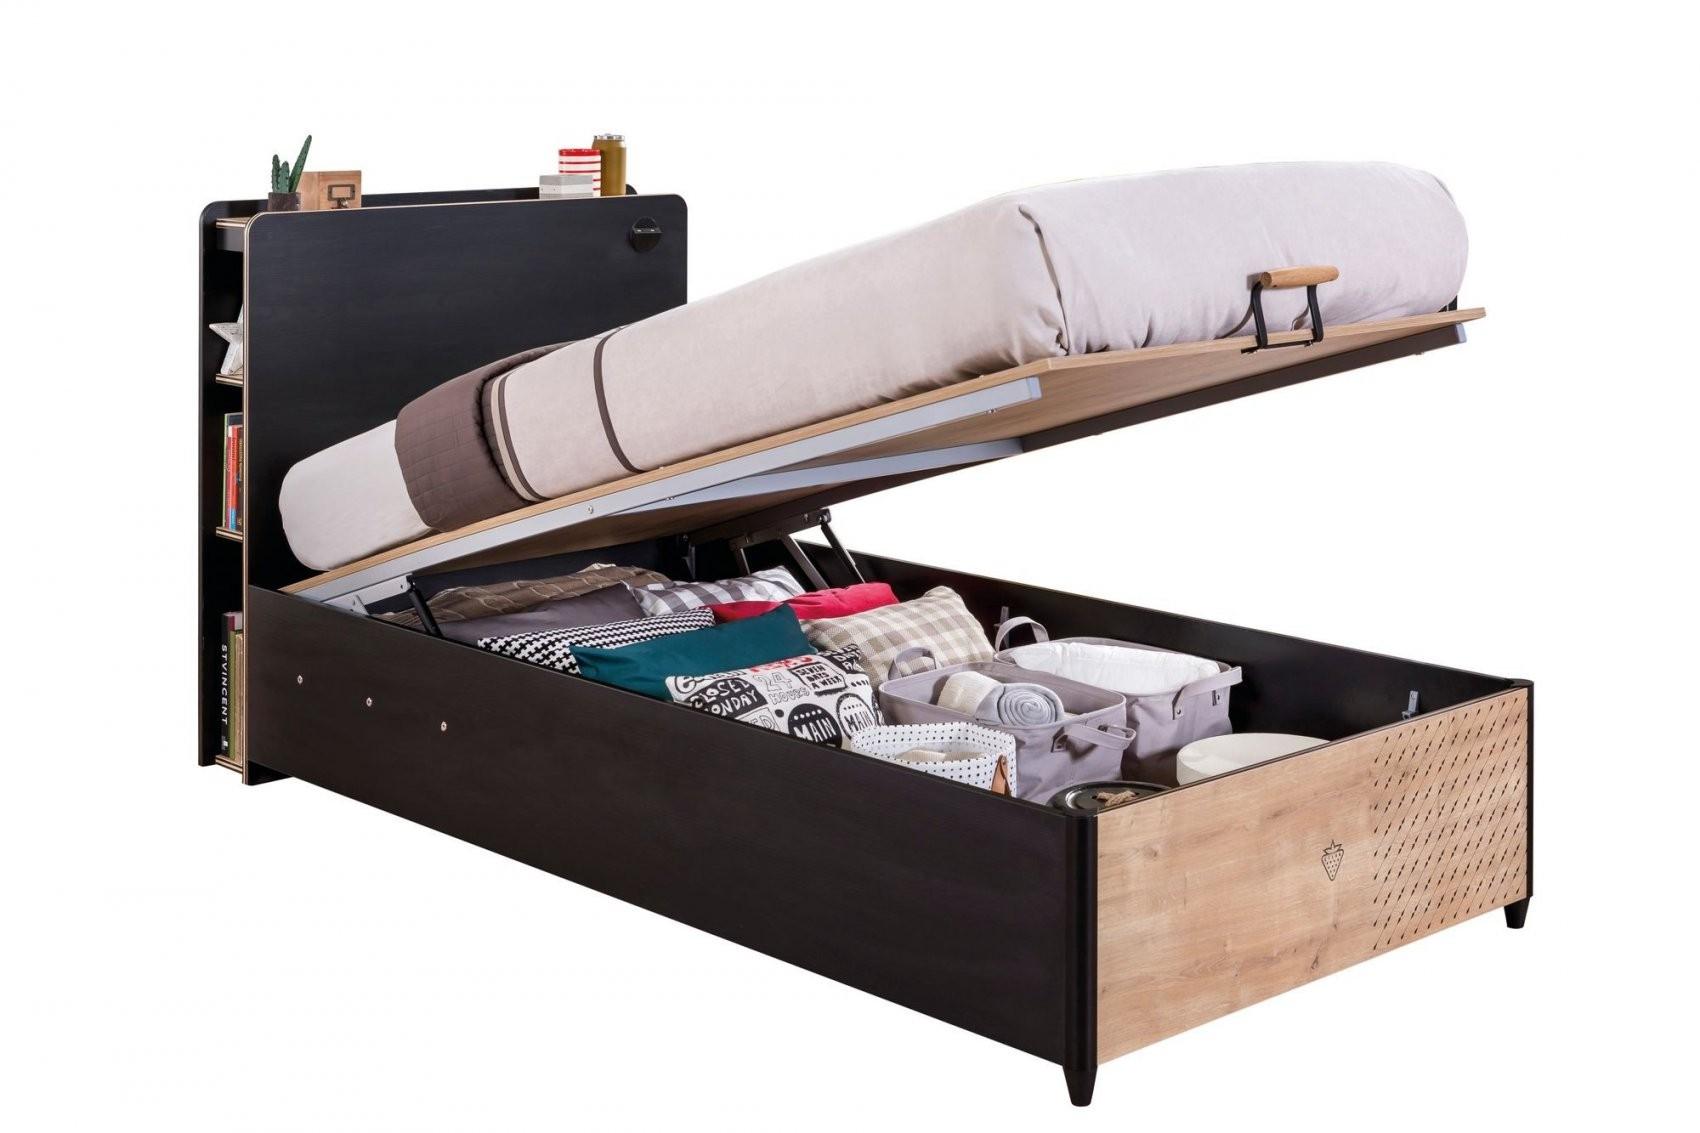 Jugendzimmer Black Bett Mit Bettkasten  Kinder Komfort von Jugendzimmer Bett Mit Bettkasten Photo